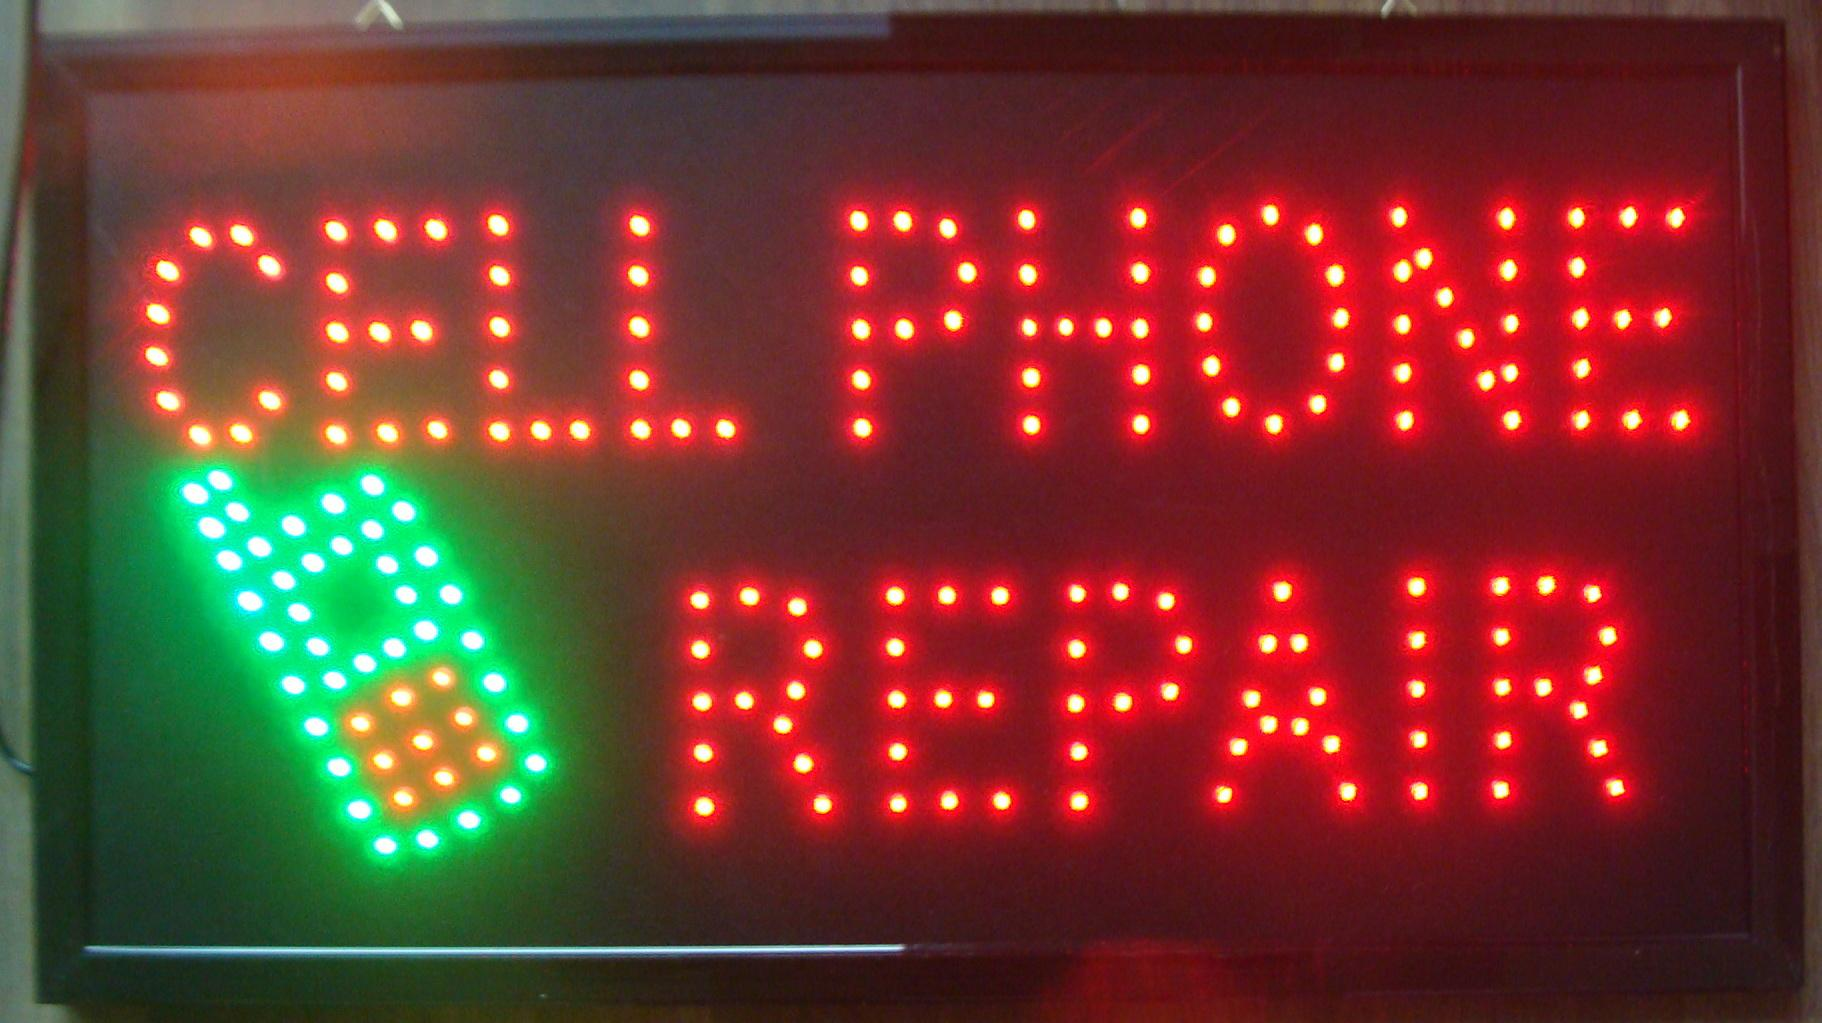 Sıcak satış ultra parlak led neon burcu cep telefonu tamir animasyonlu neon cep telefonu tamir dükkanı açık boyut 19x10 inç